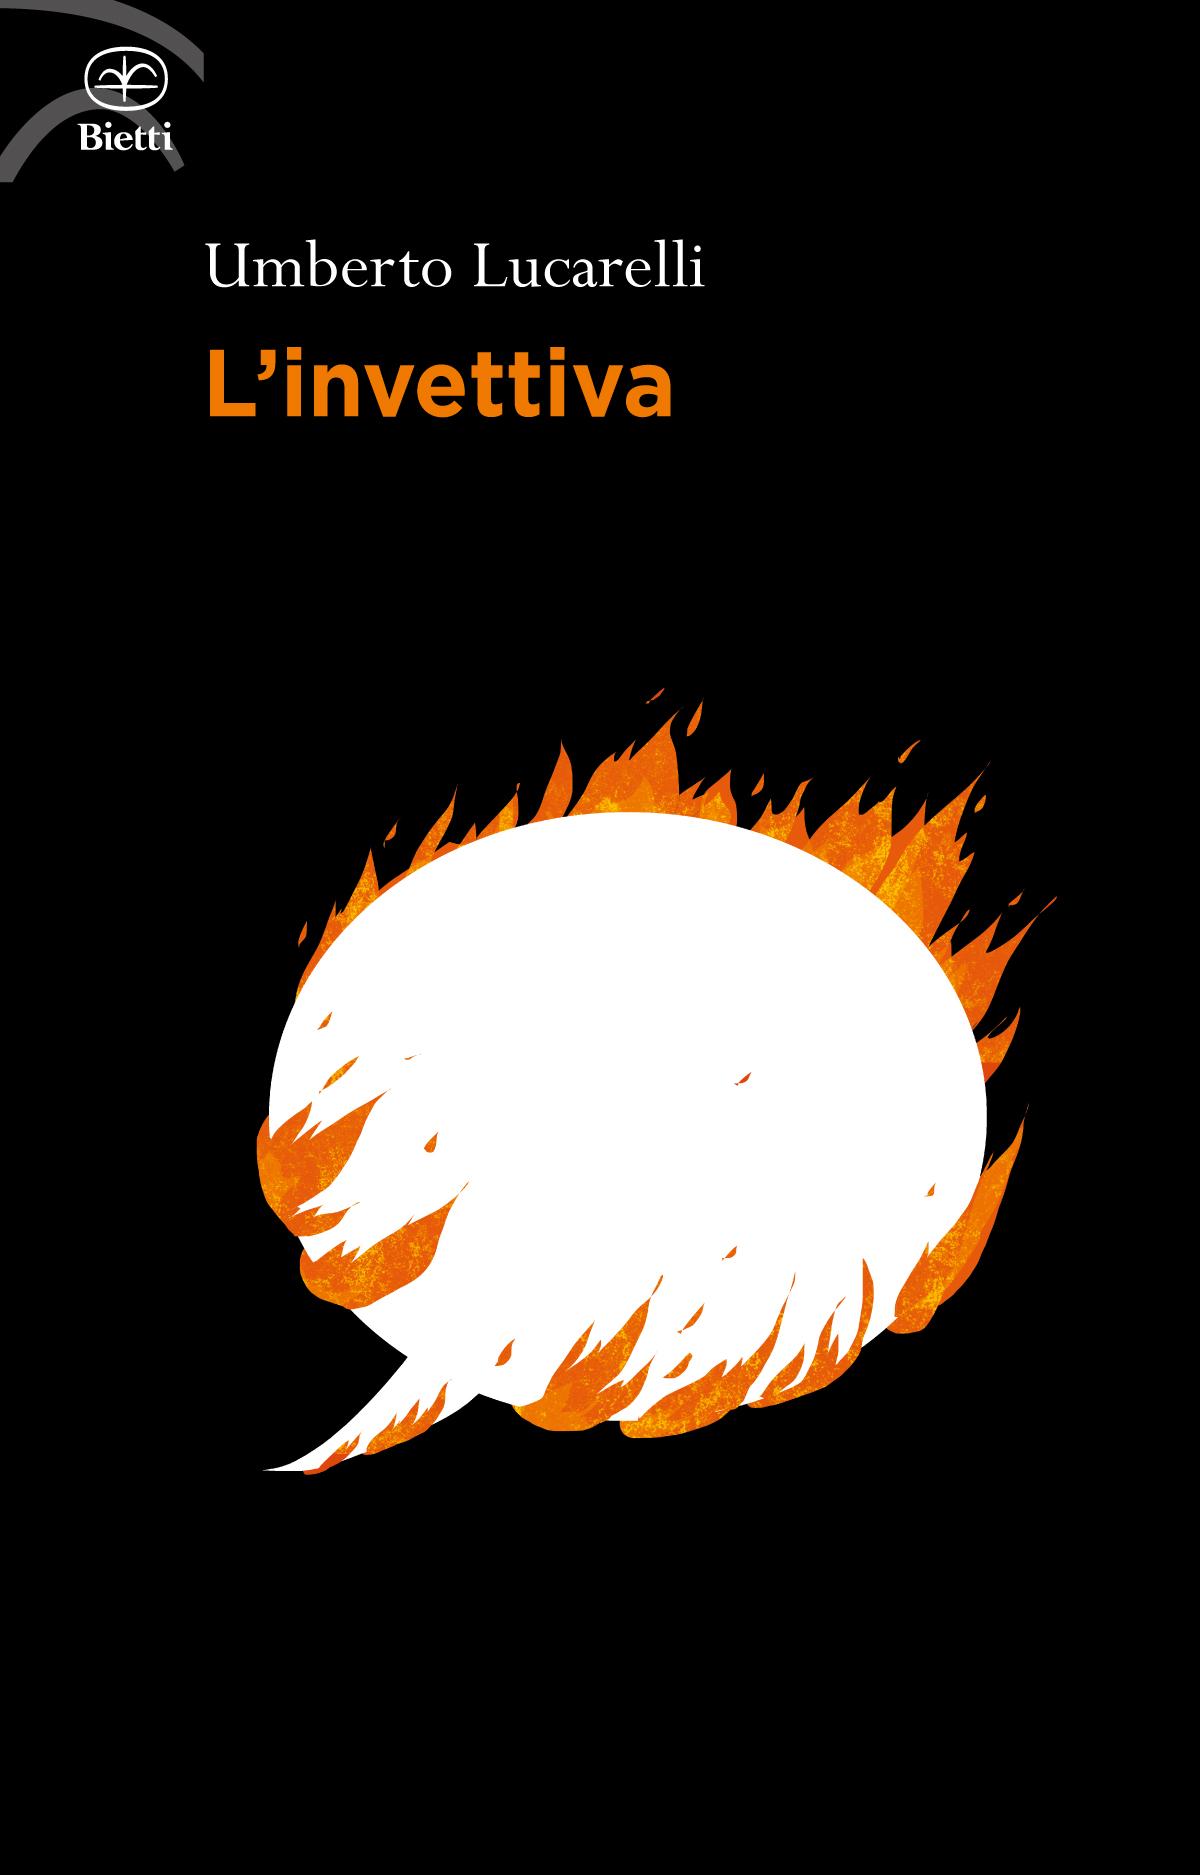 L'invettiva